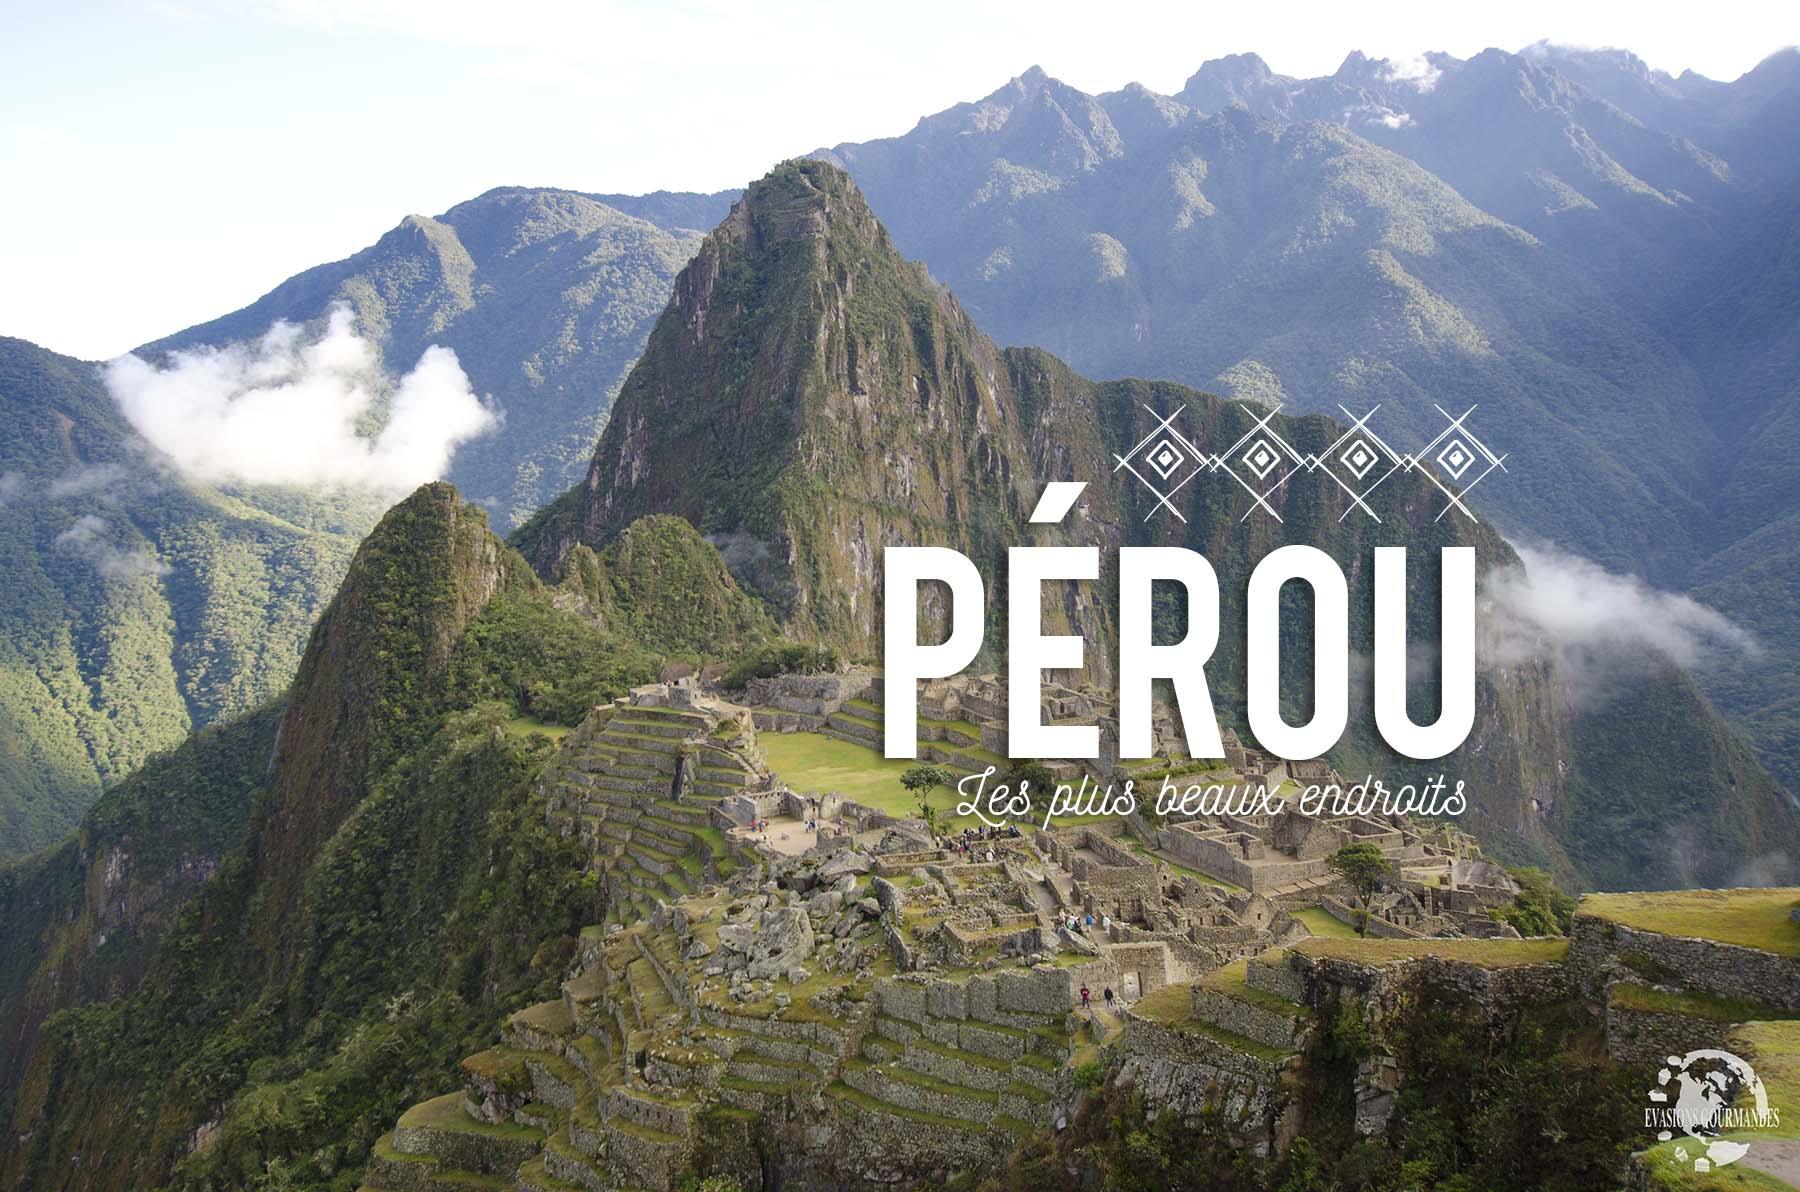 Les Plus Beaux Endroits Du Pérou : 10 Incontournables Pour Un Premier Voyage